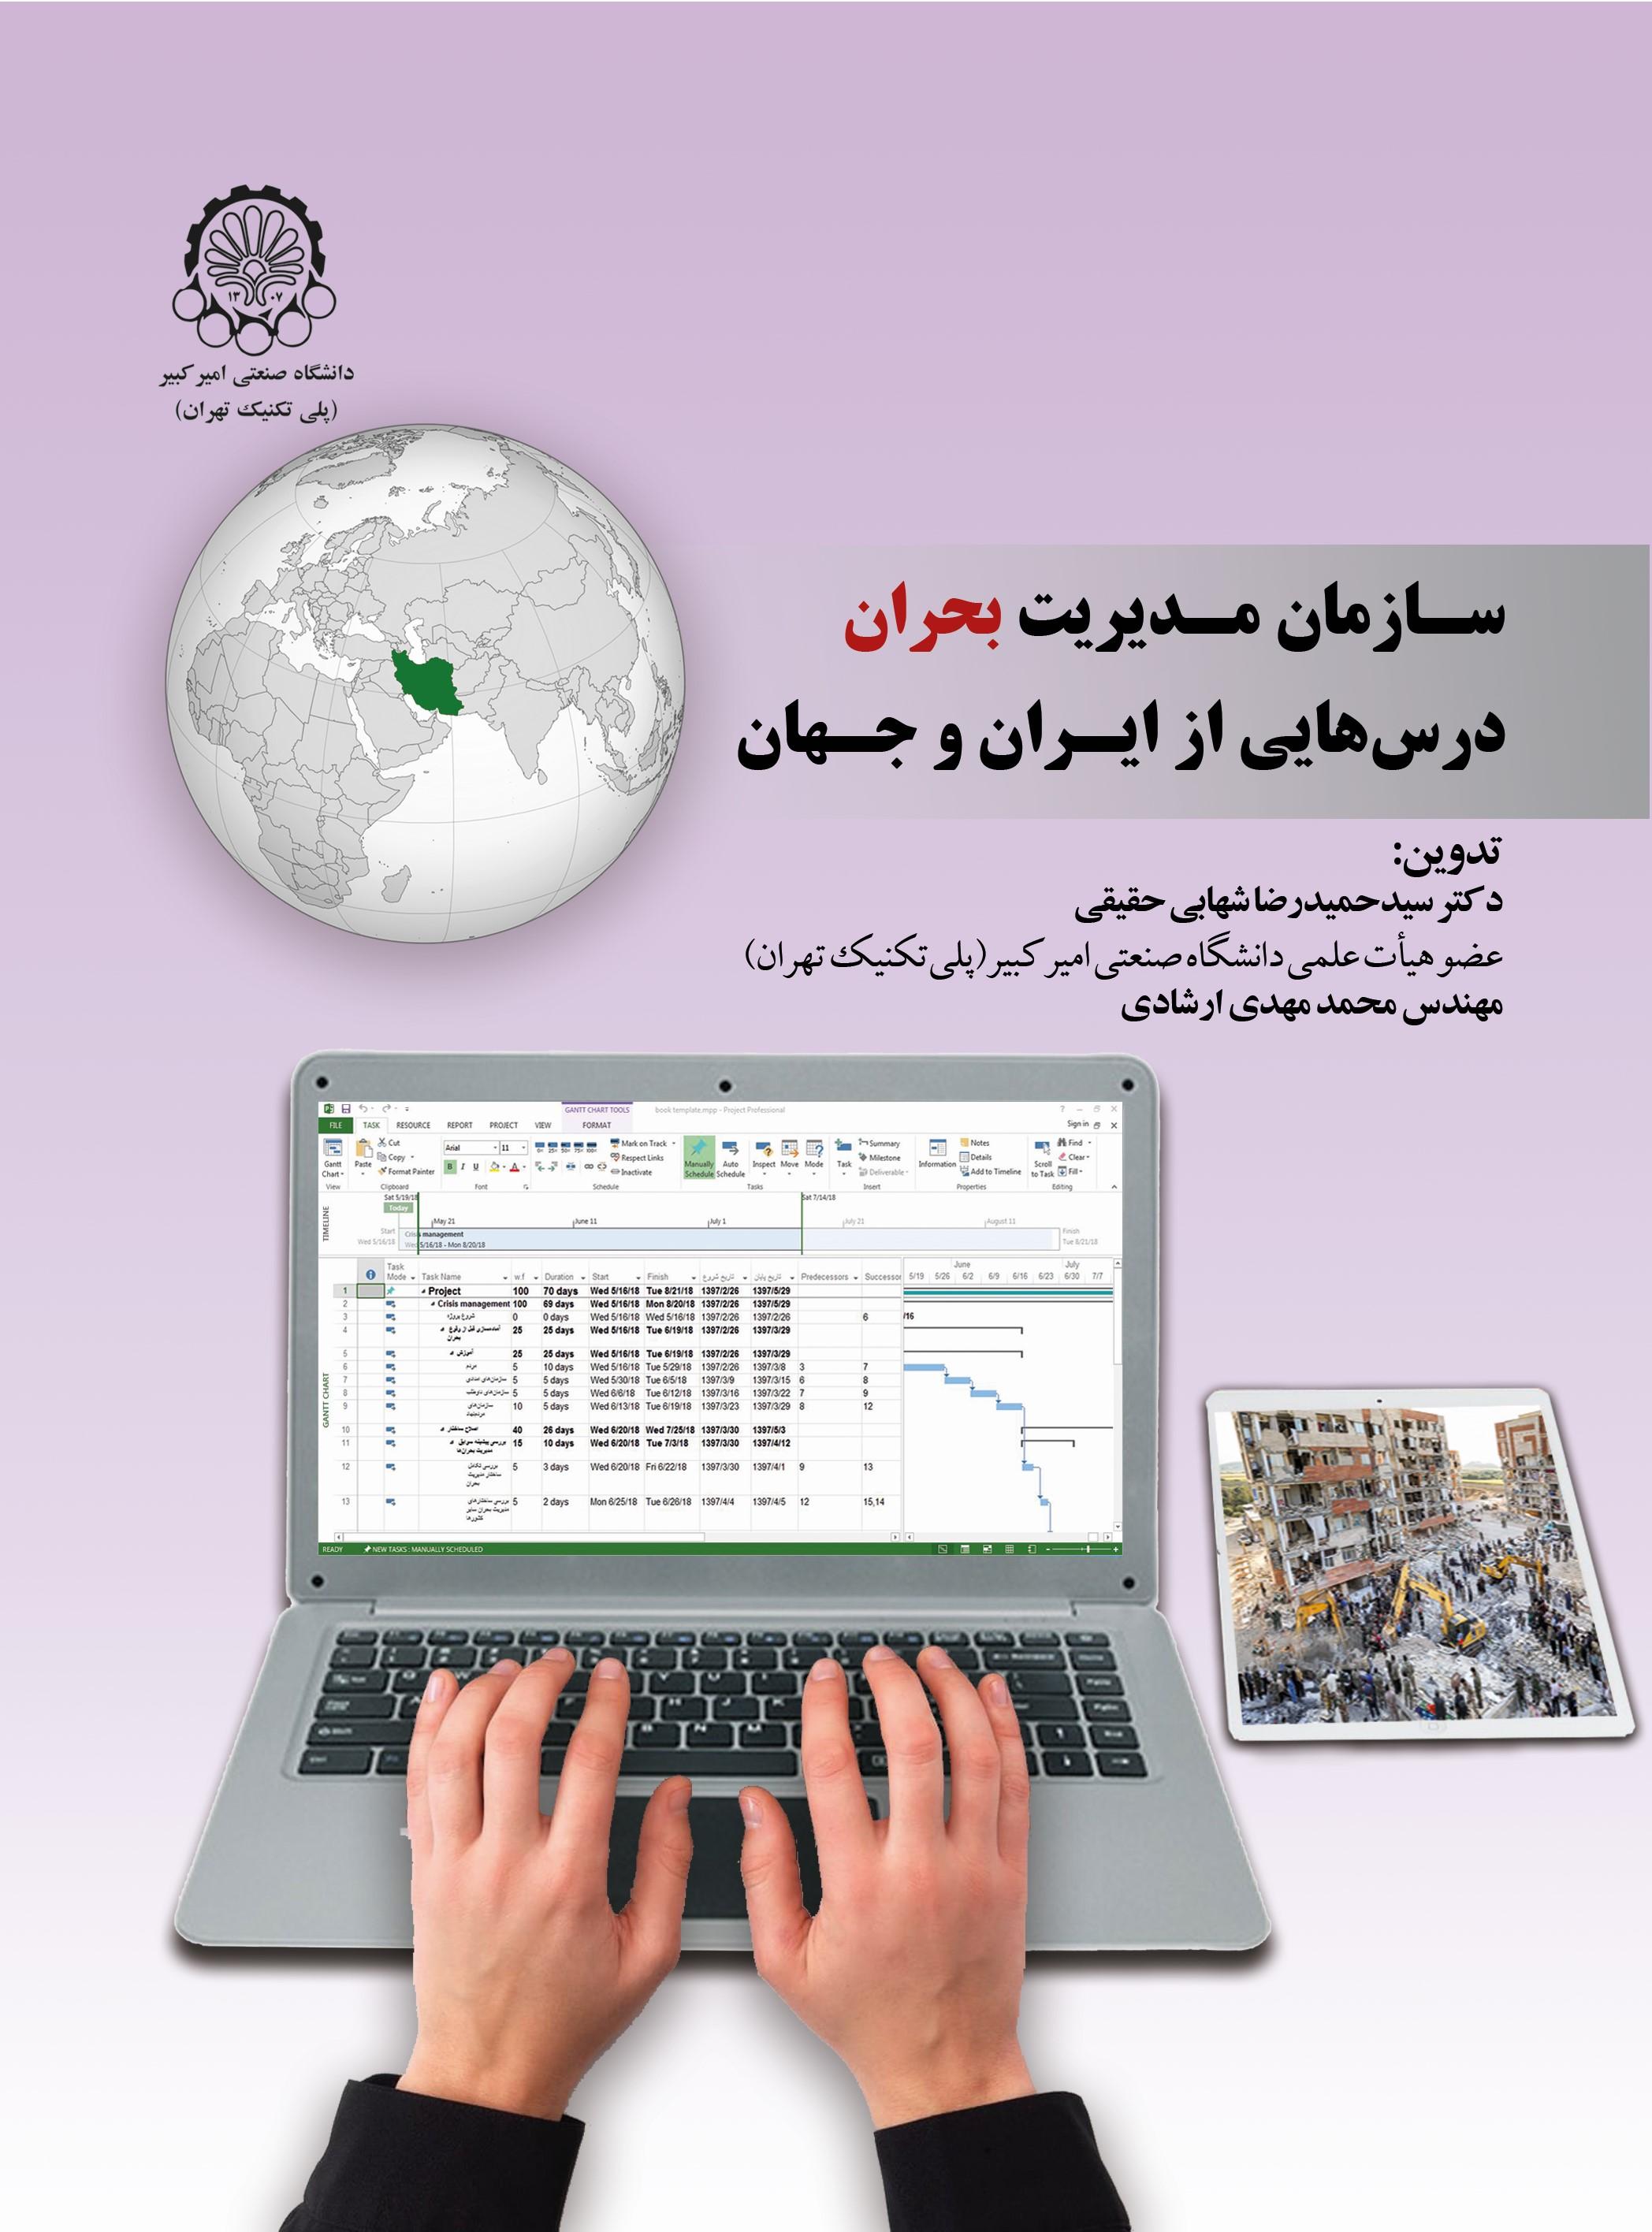 سازمان مدیریت بحران درس هایی از ایران وجهان